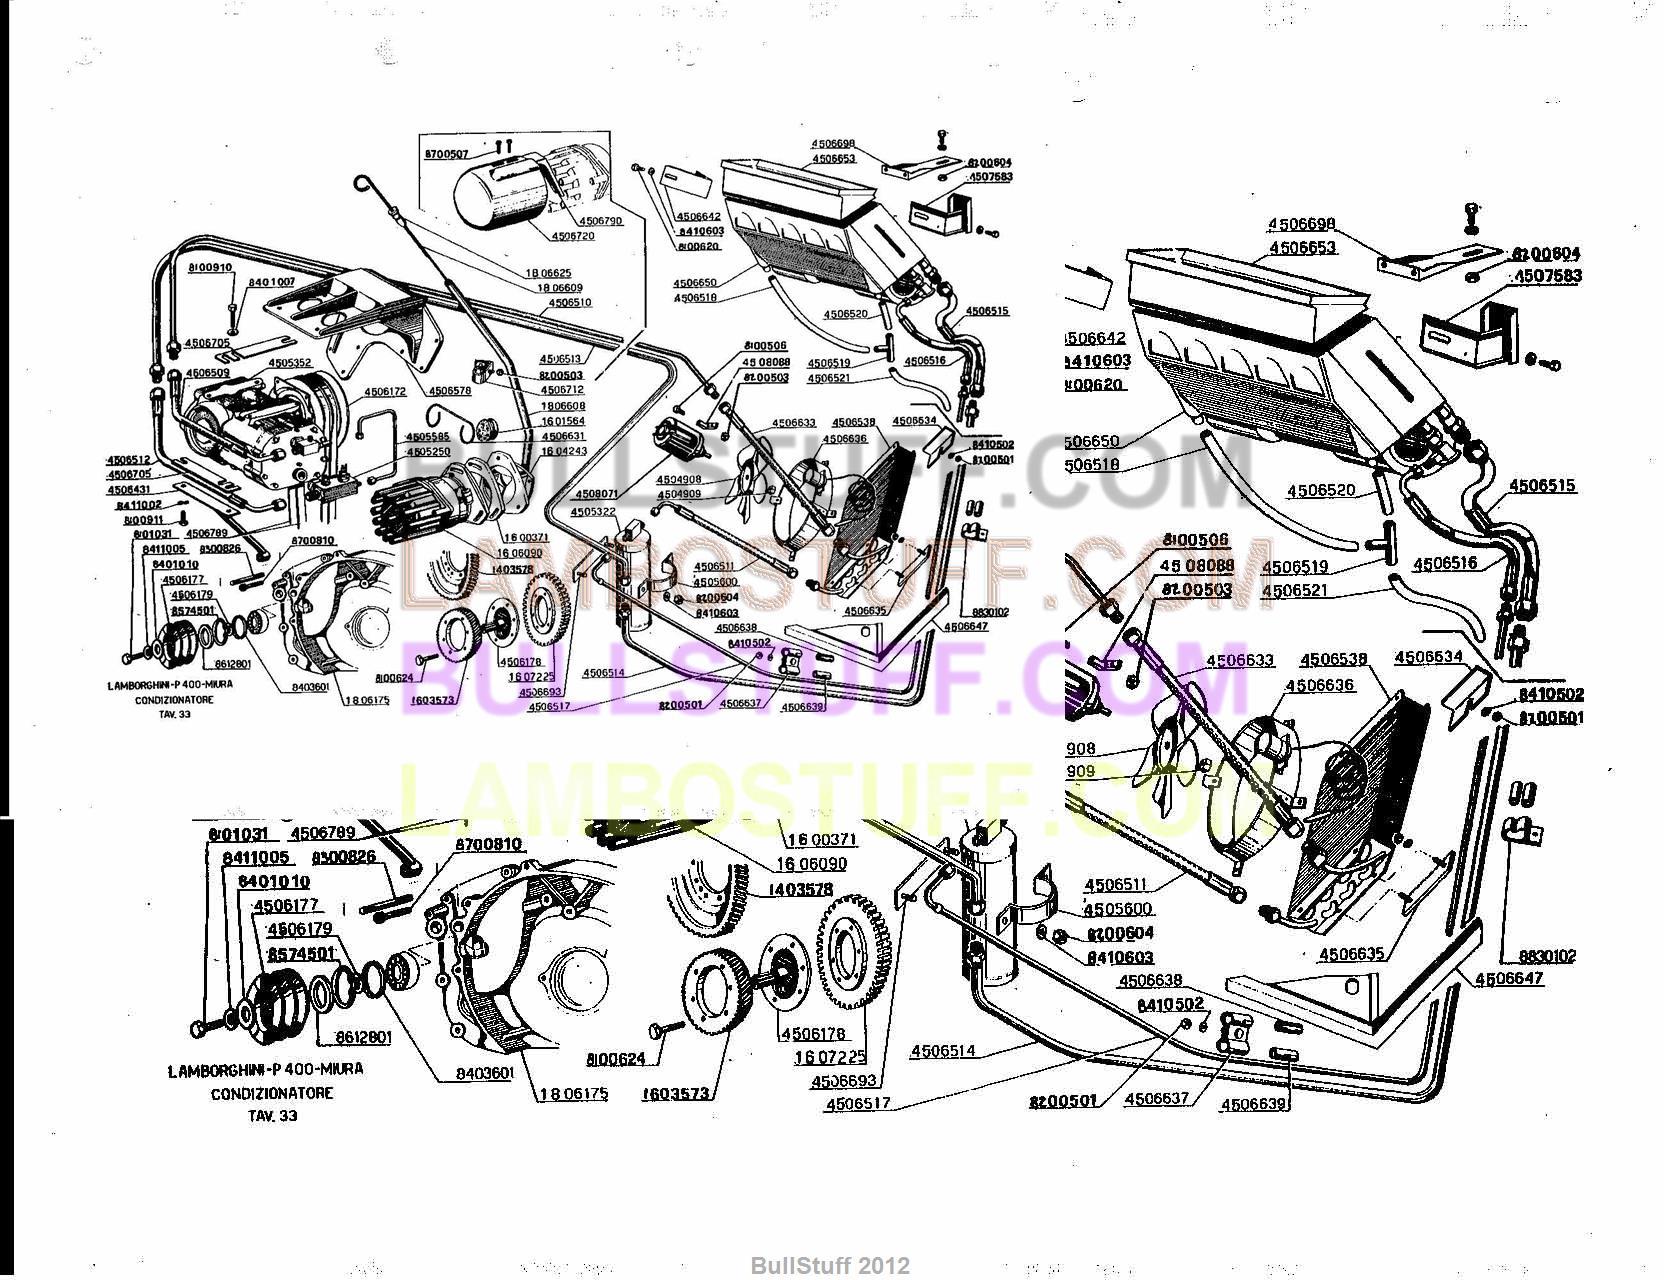 Lamborghini Jalpa Wiring Diagram And Schematics Engine Diagrams 1966 1972 Miura Usa Air Conditioner 33 Rh Bullstuff Com Reventon Gallardo Superleggera